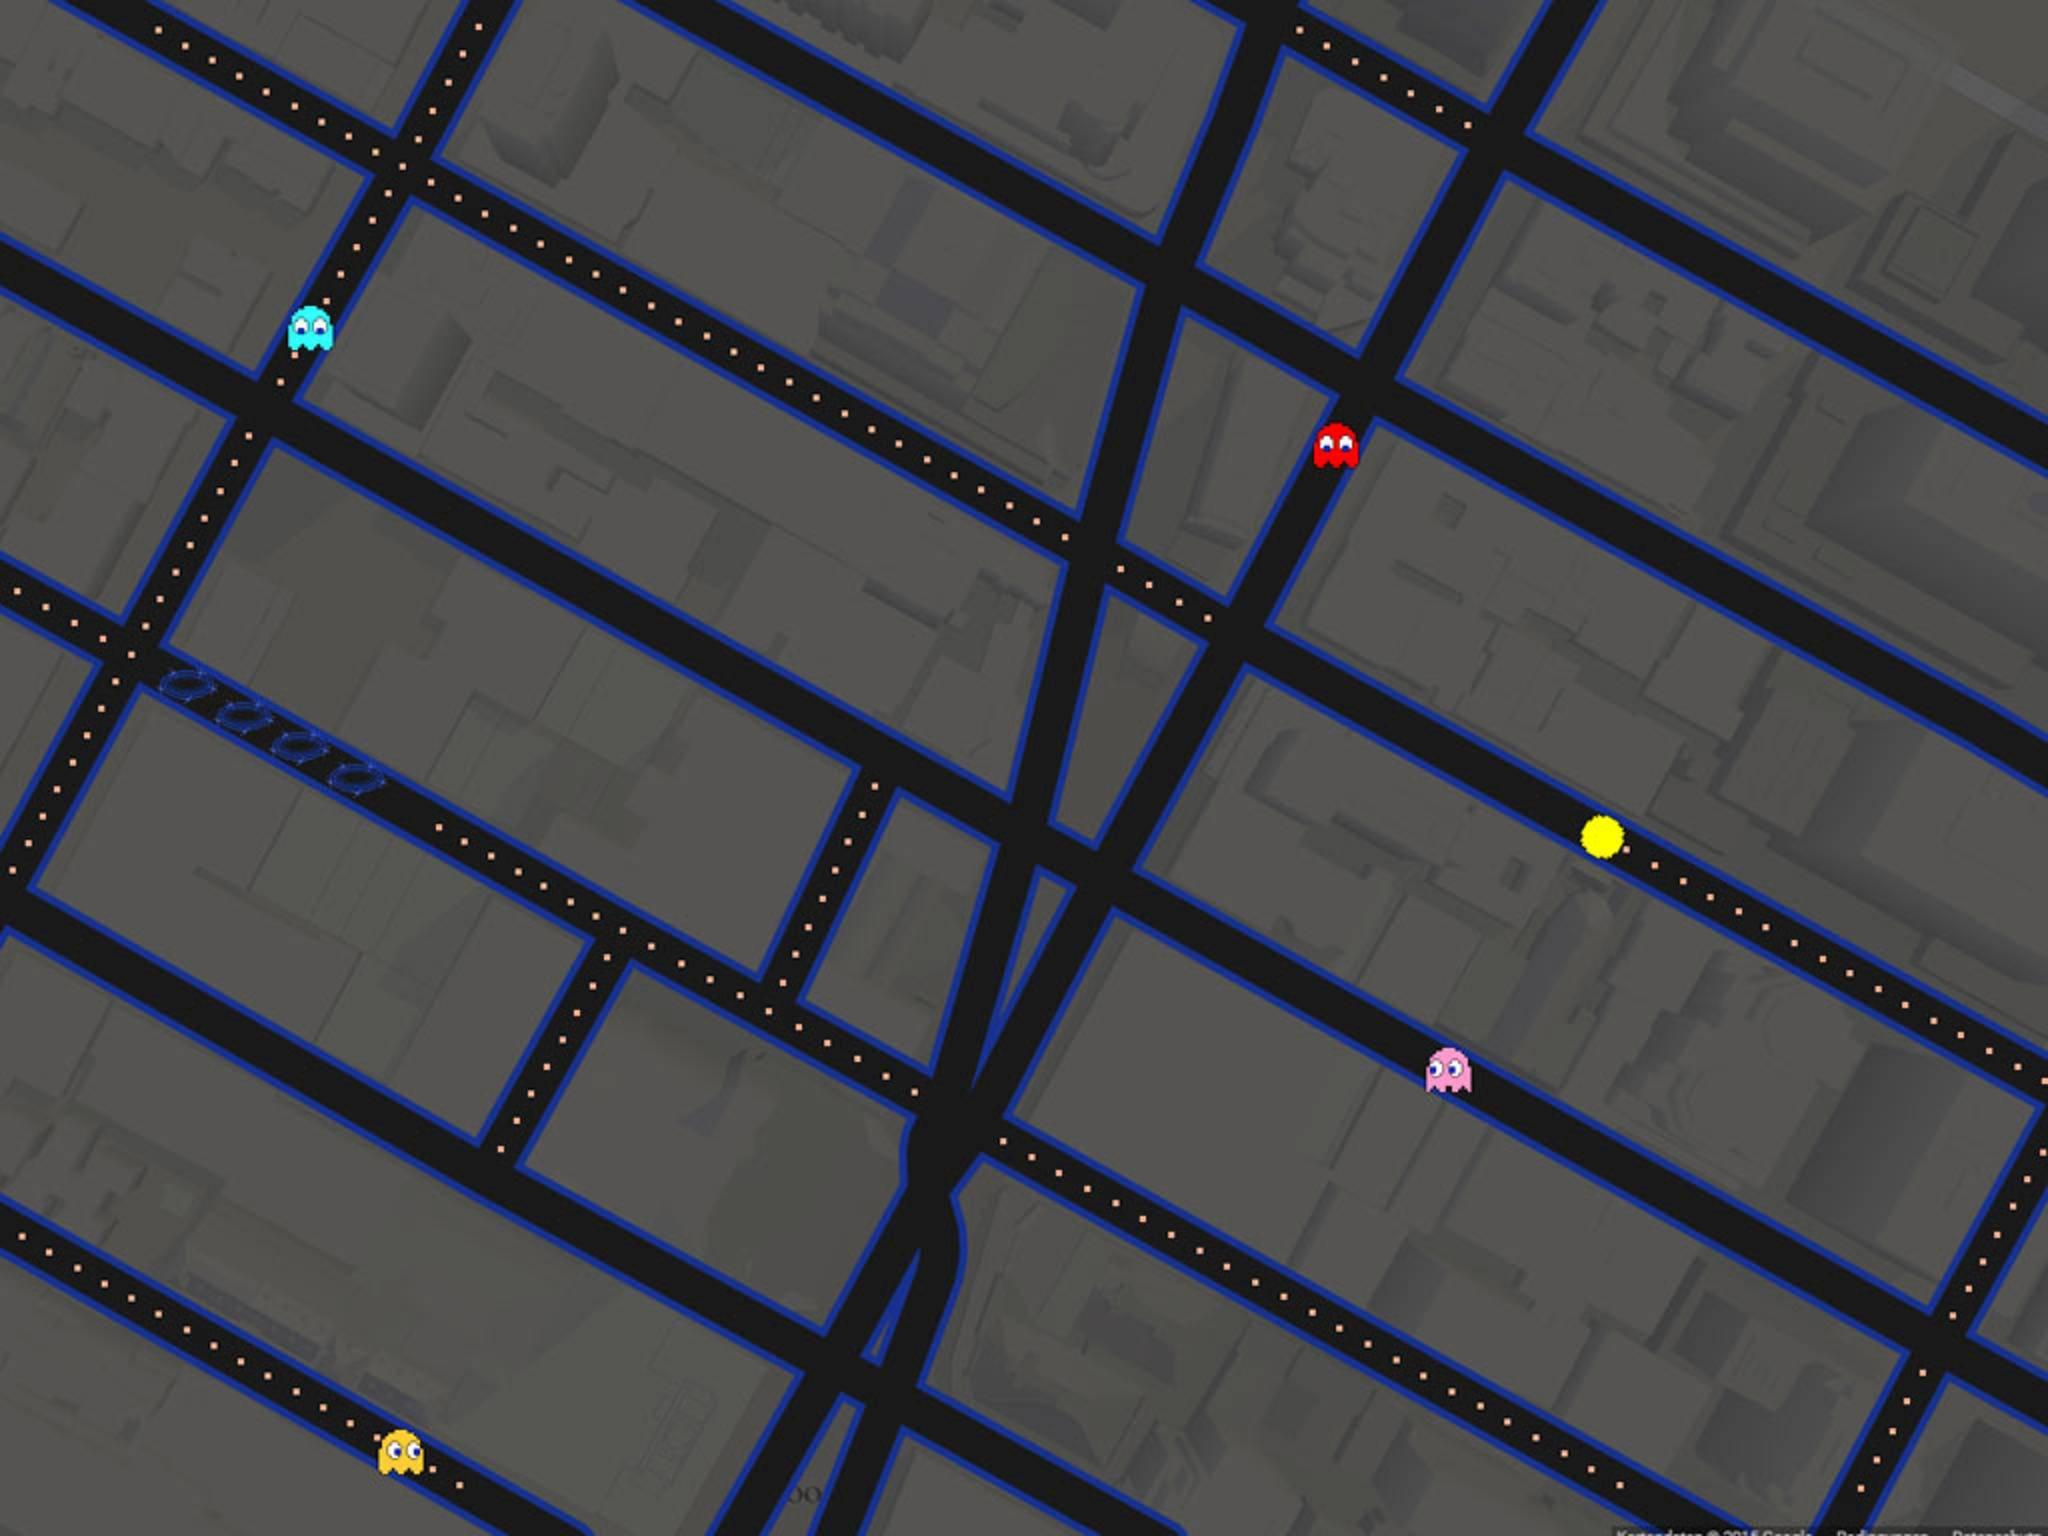 Pac-Man für Google Maps ließ sich auch auf Android-Smartphones spielen.